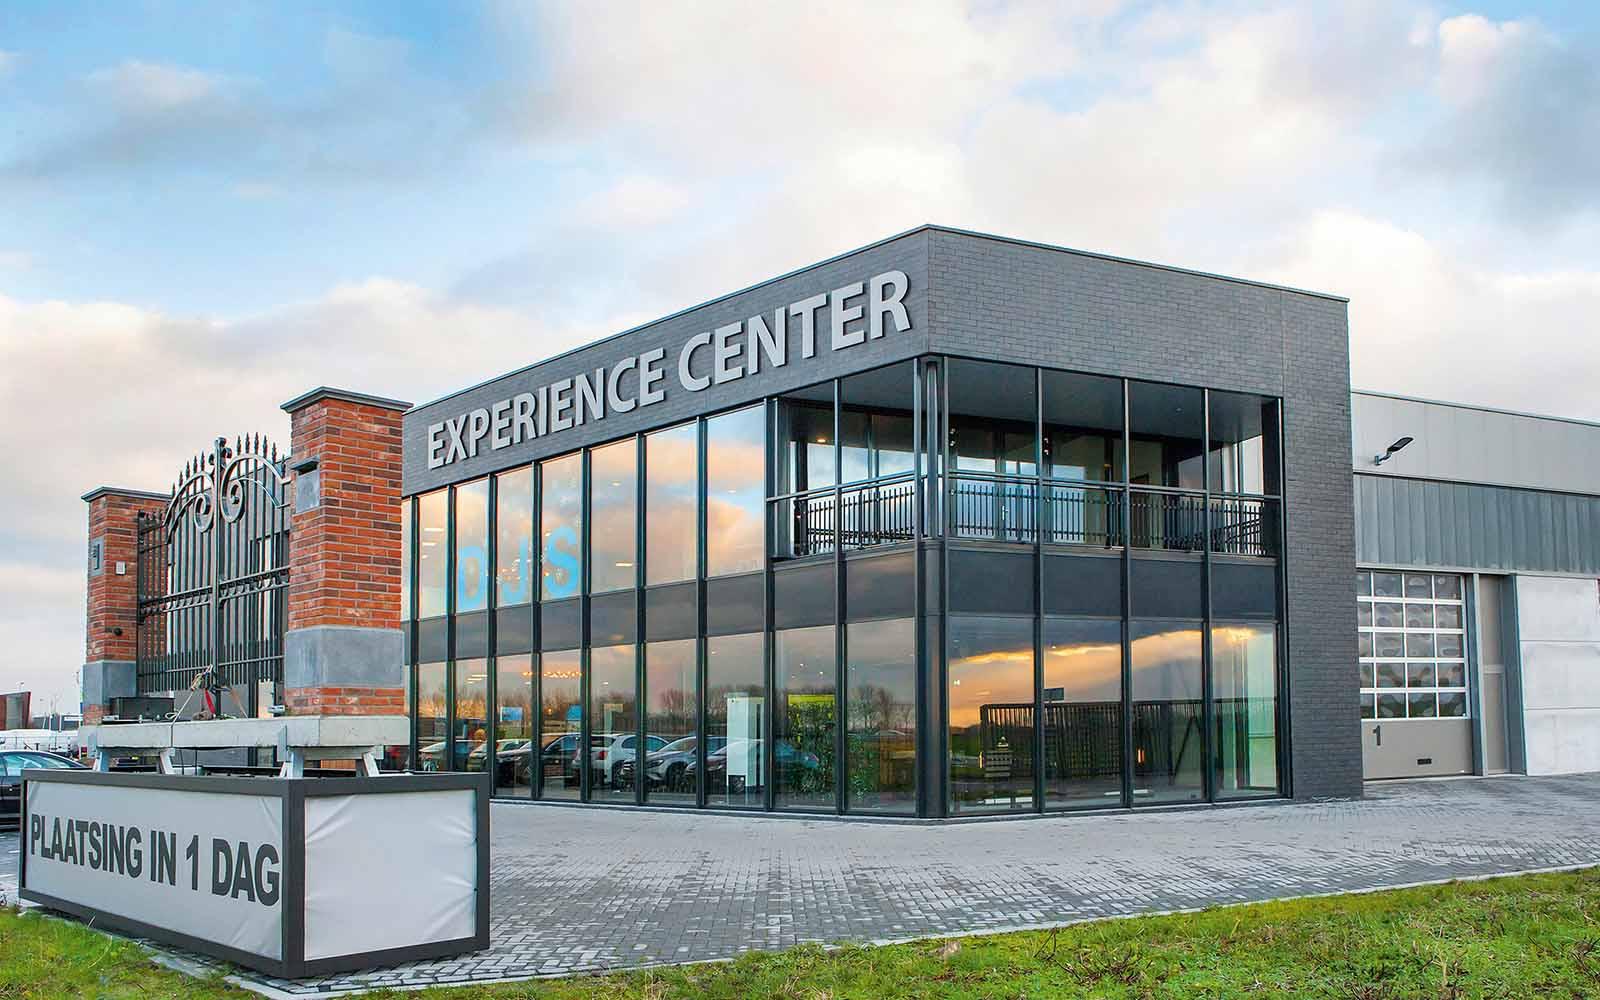 djs hekwerken, experience center, constructie, showroom